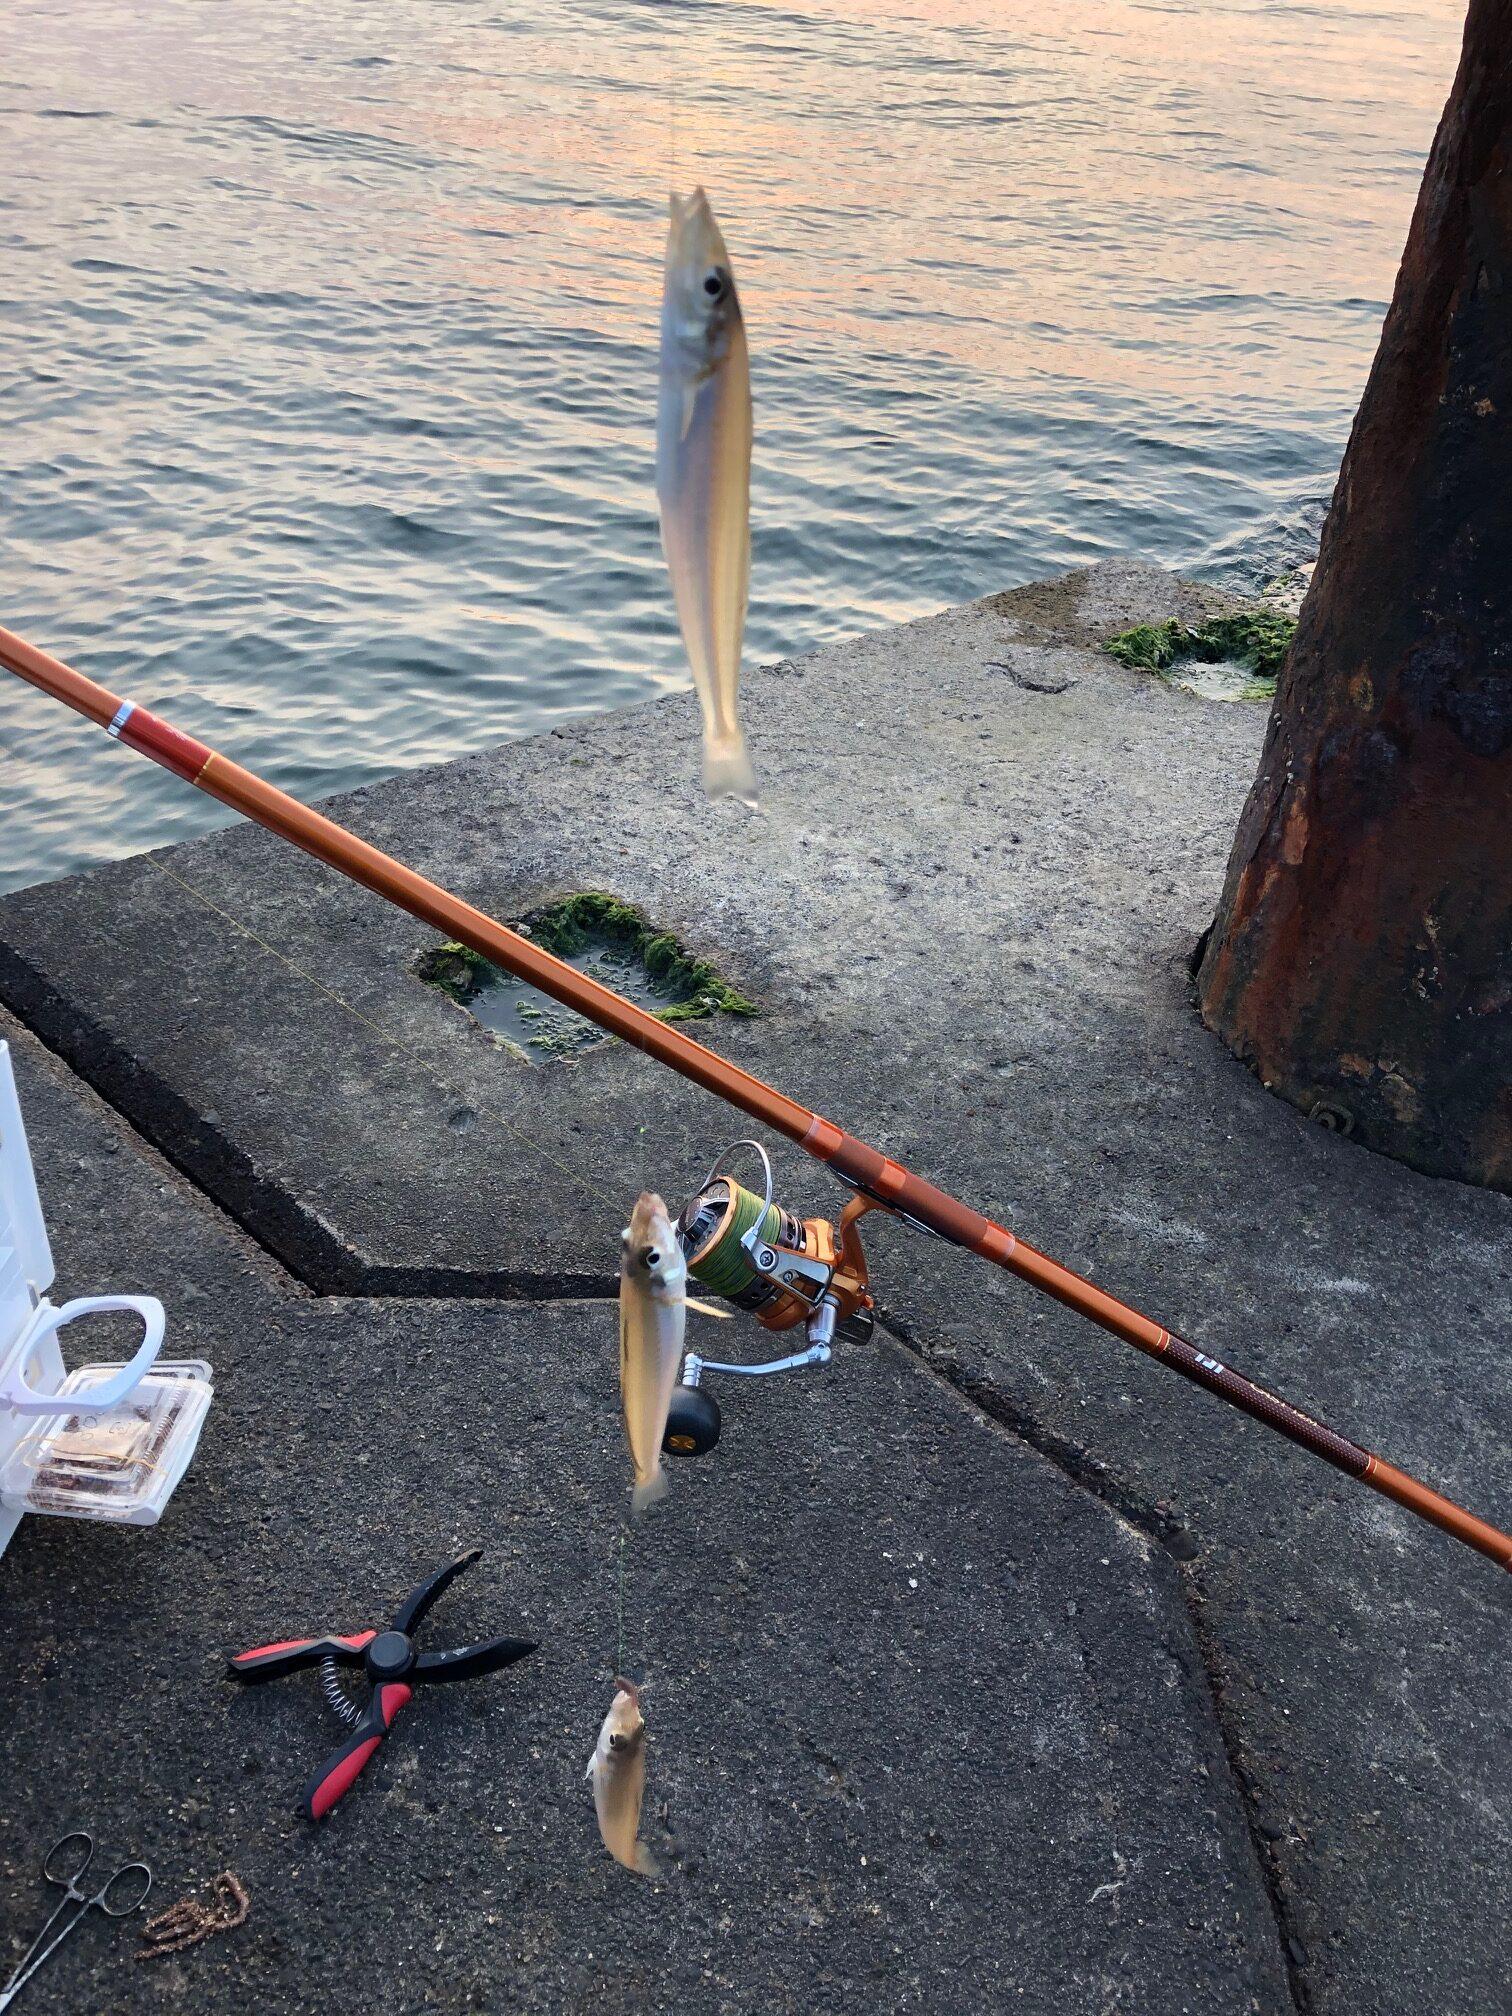 キャンプ ランタン 鱚 キス釣り キャスティズム 投げ釣り ちょい投げ